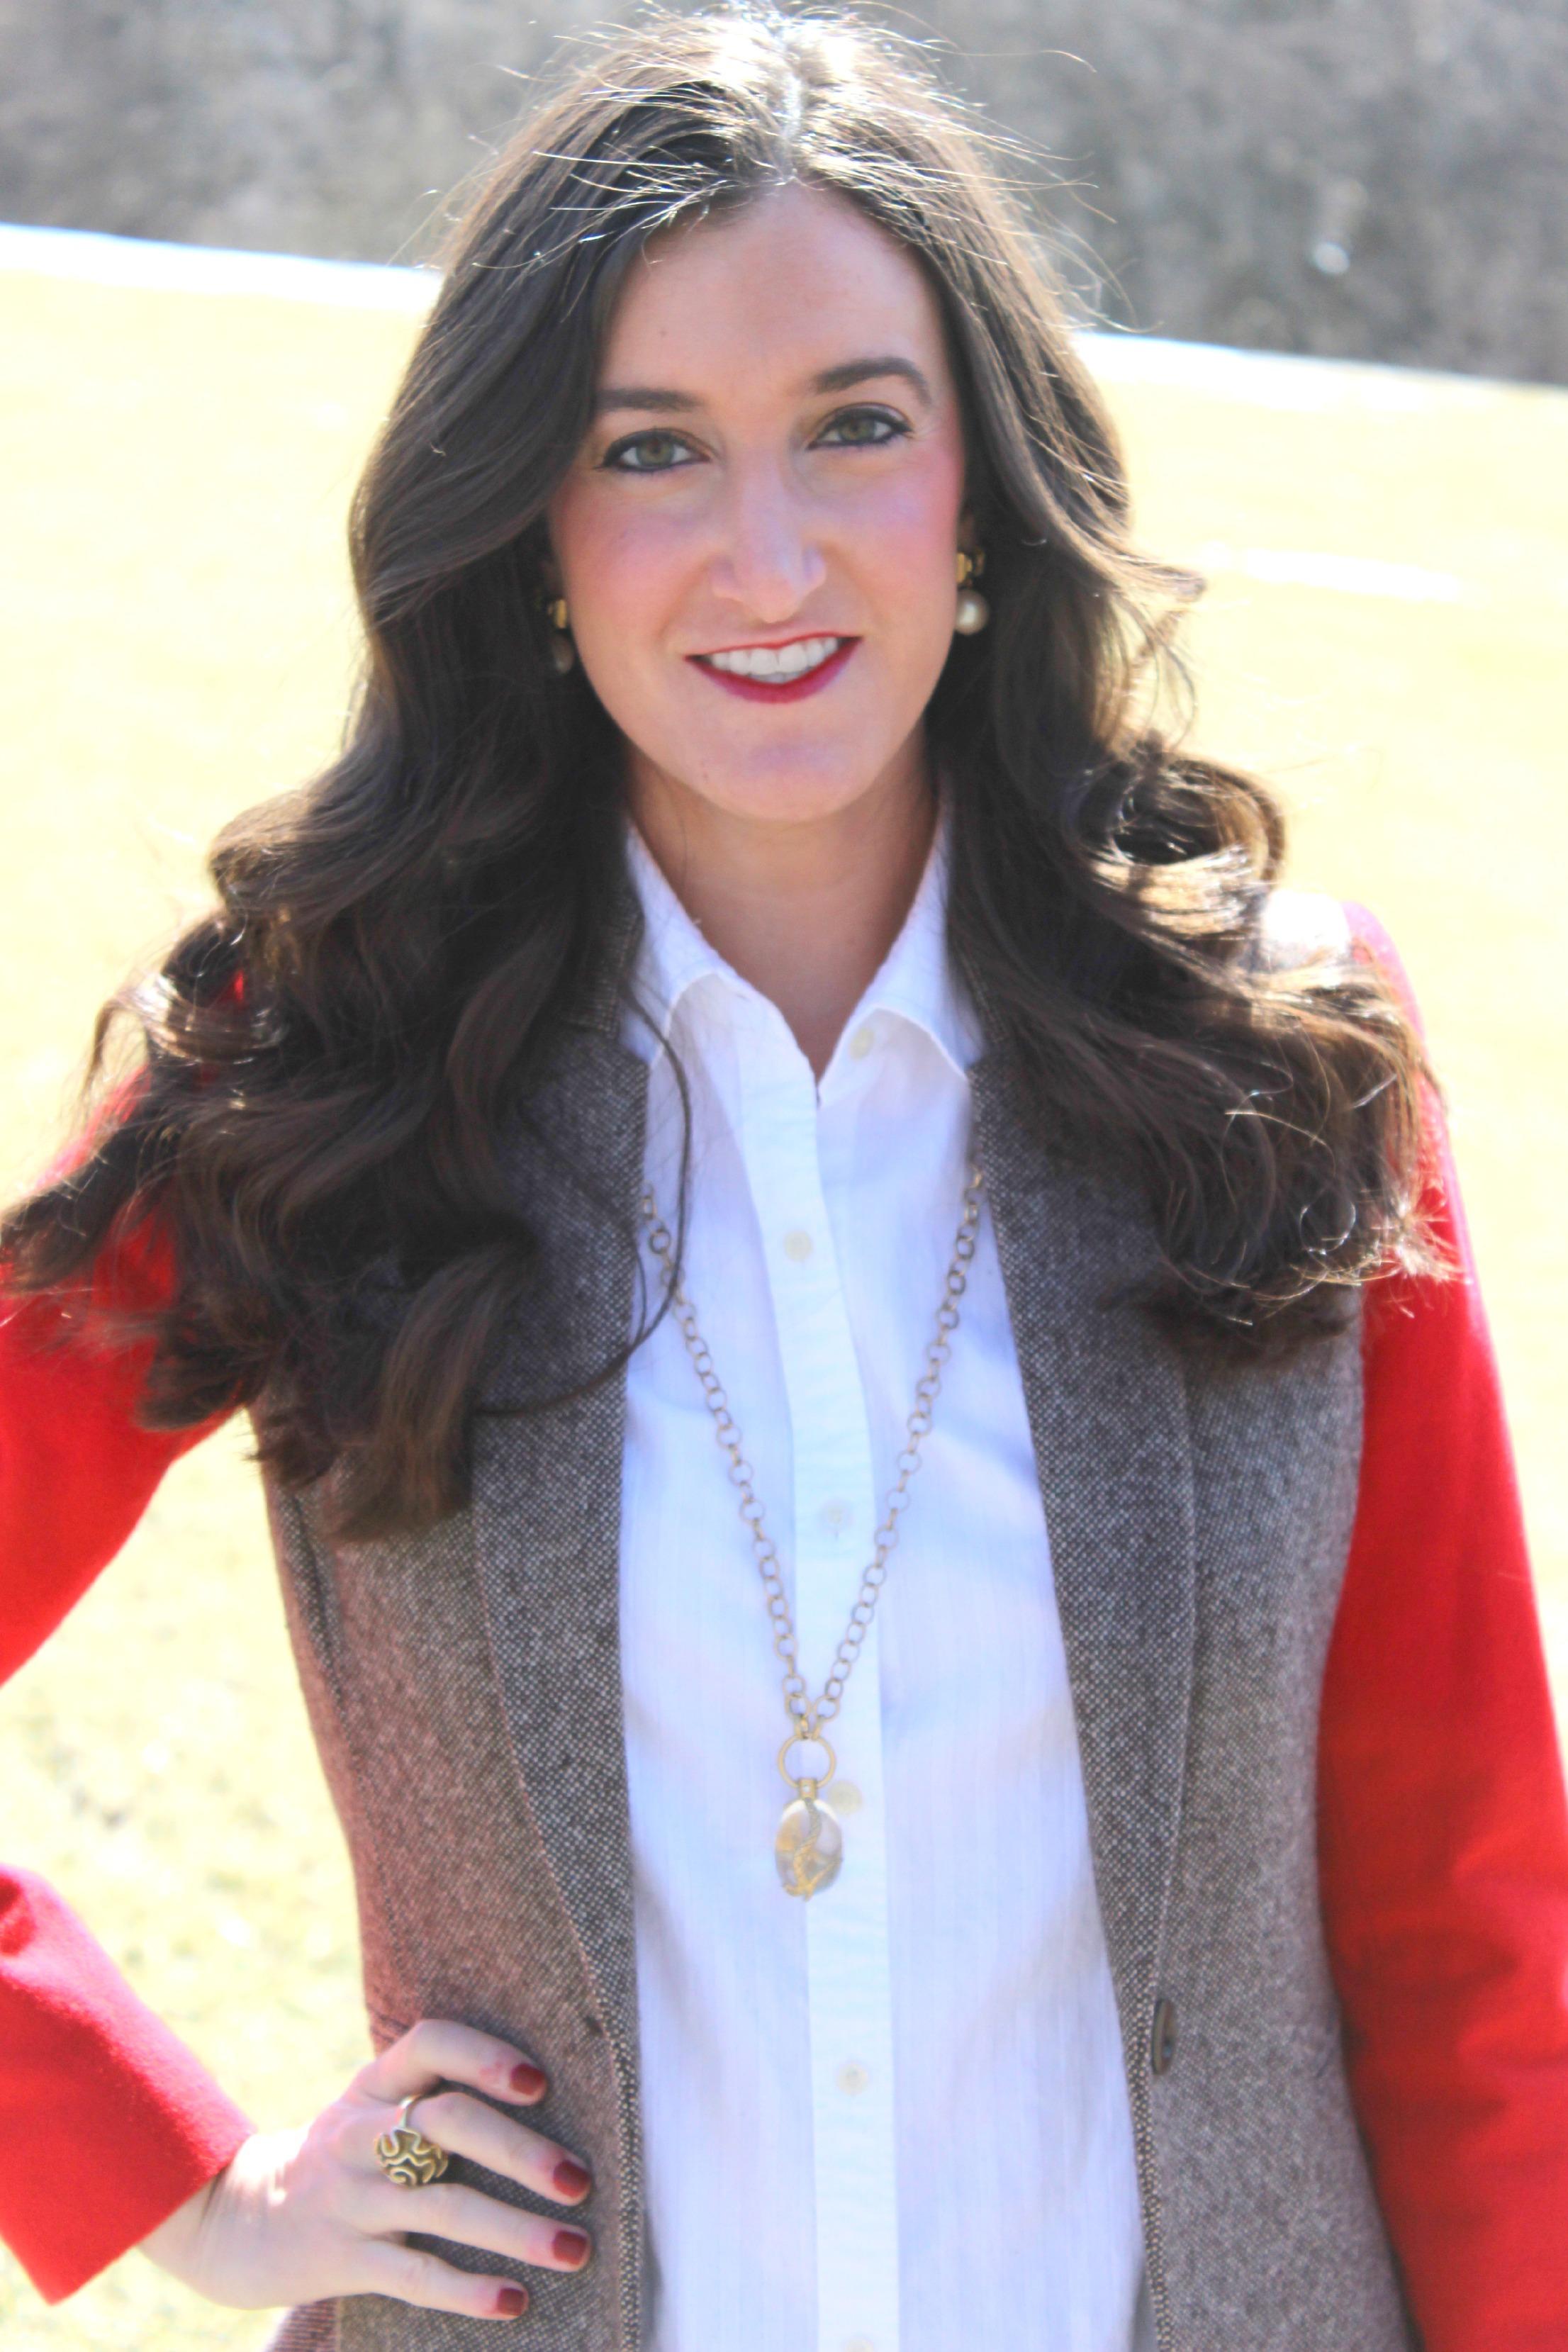 Ralph Lauren White Button Down with Cremieux Tweed Blazer